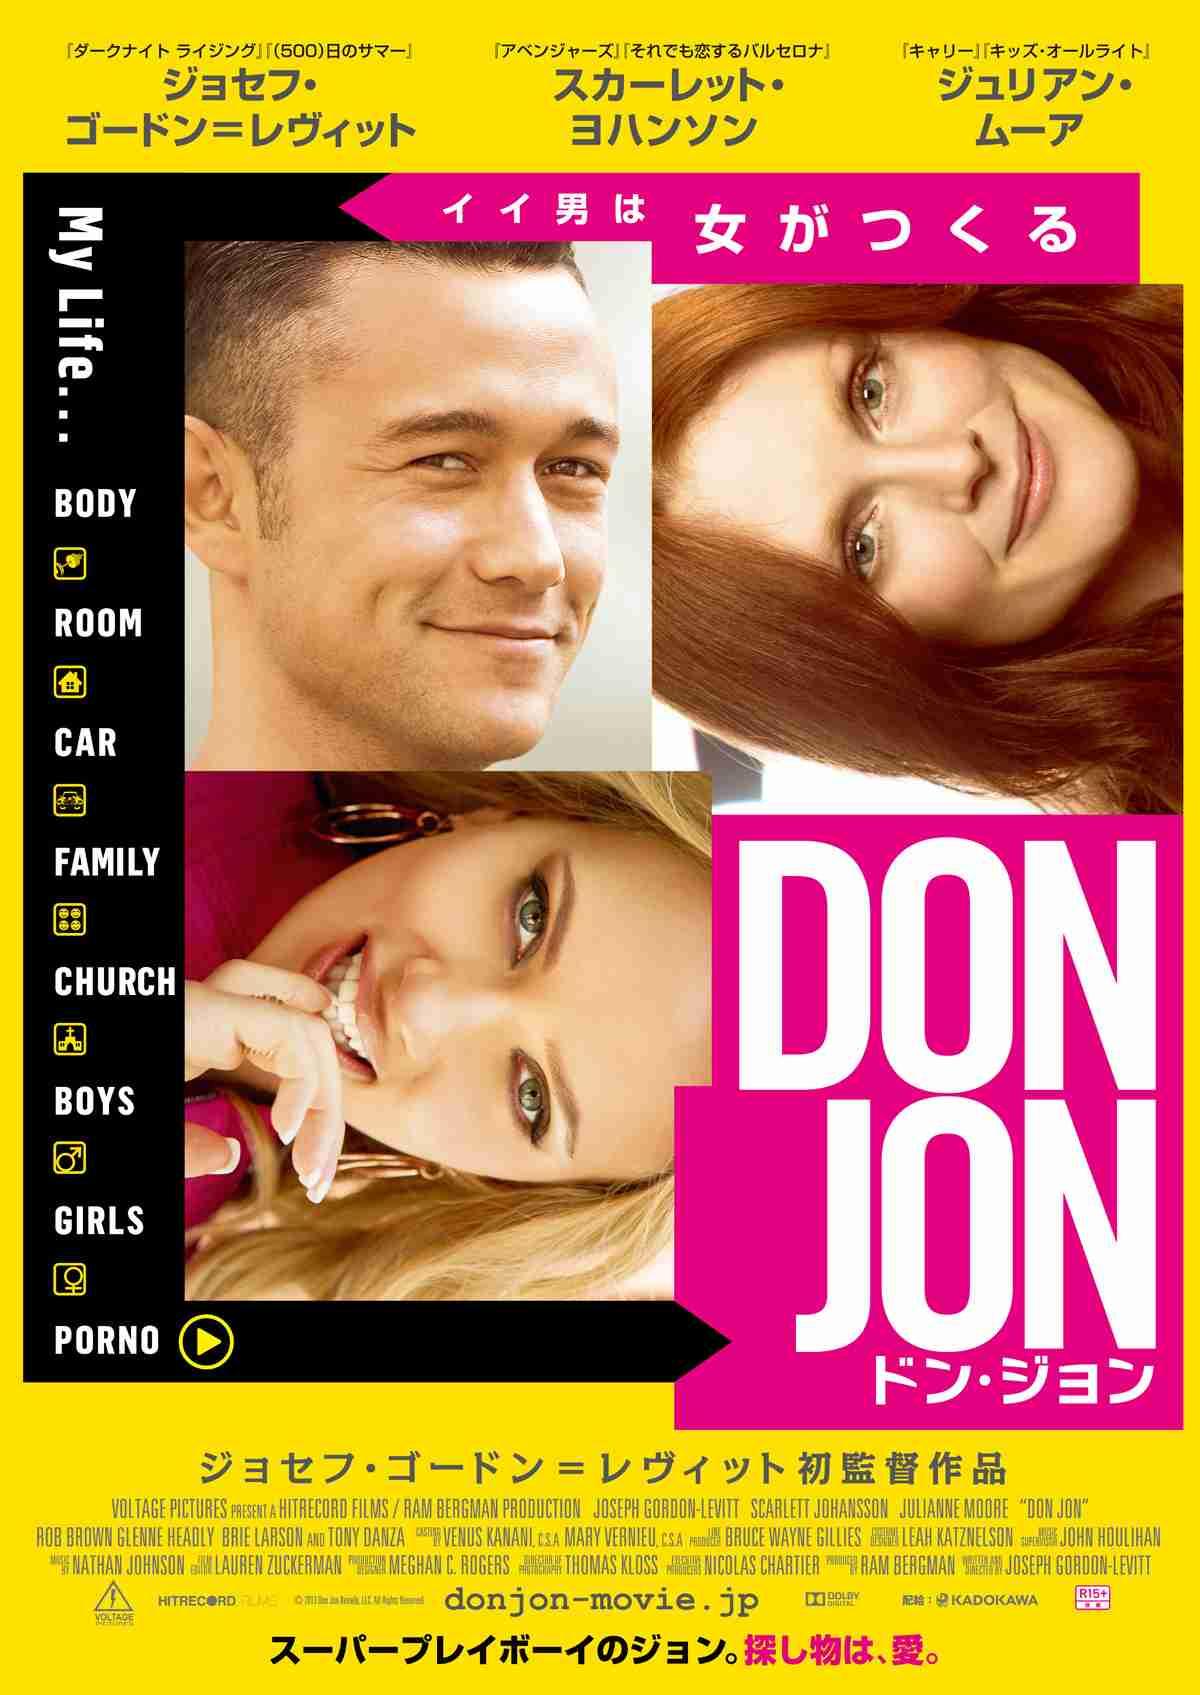 ドン・ジョン - 作品 - Yahoo!映画